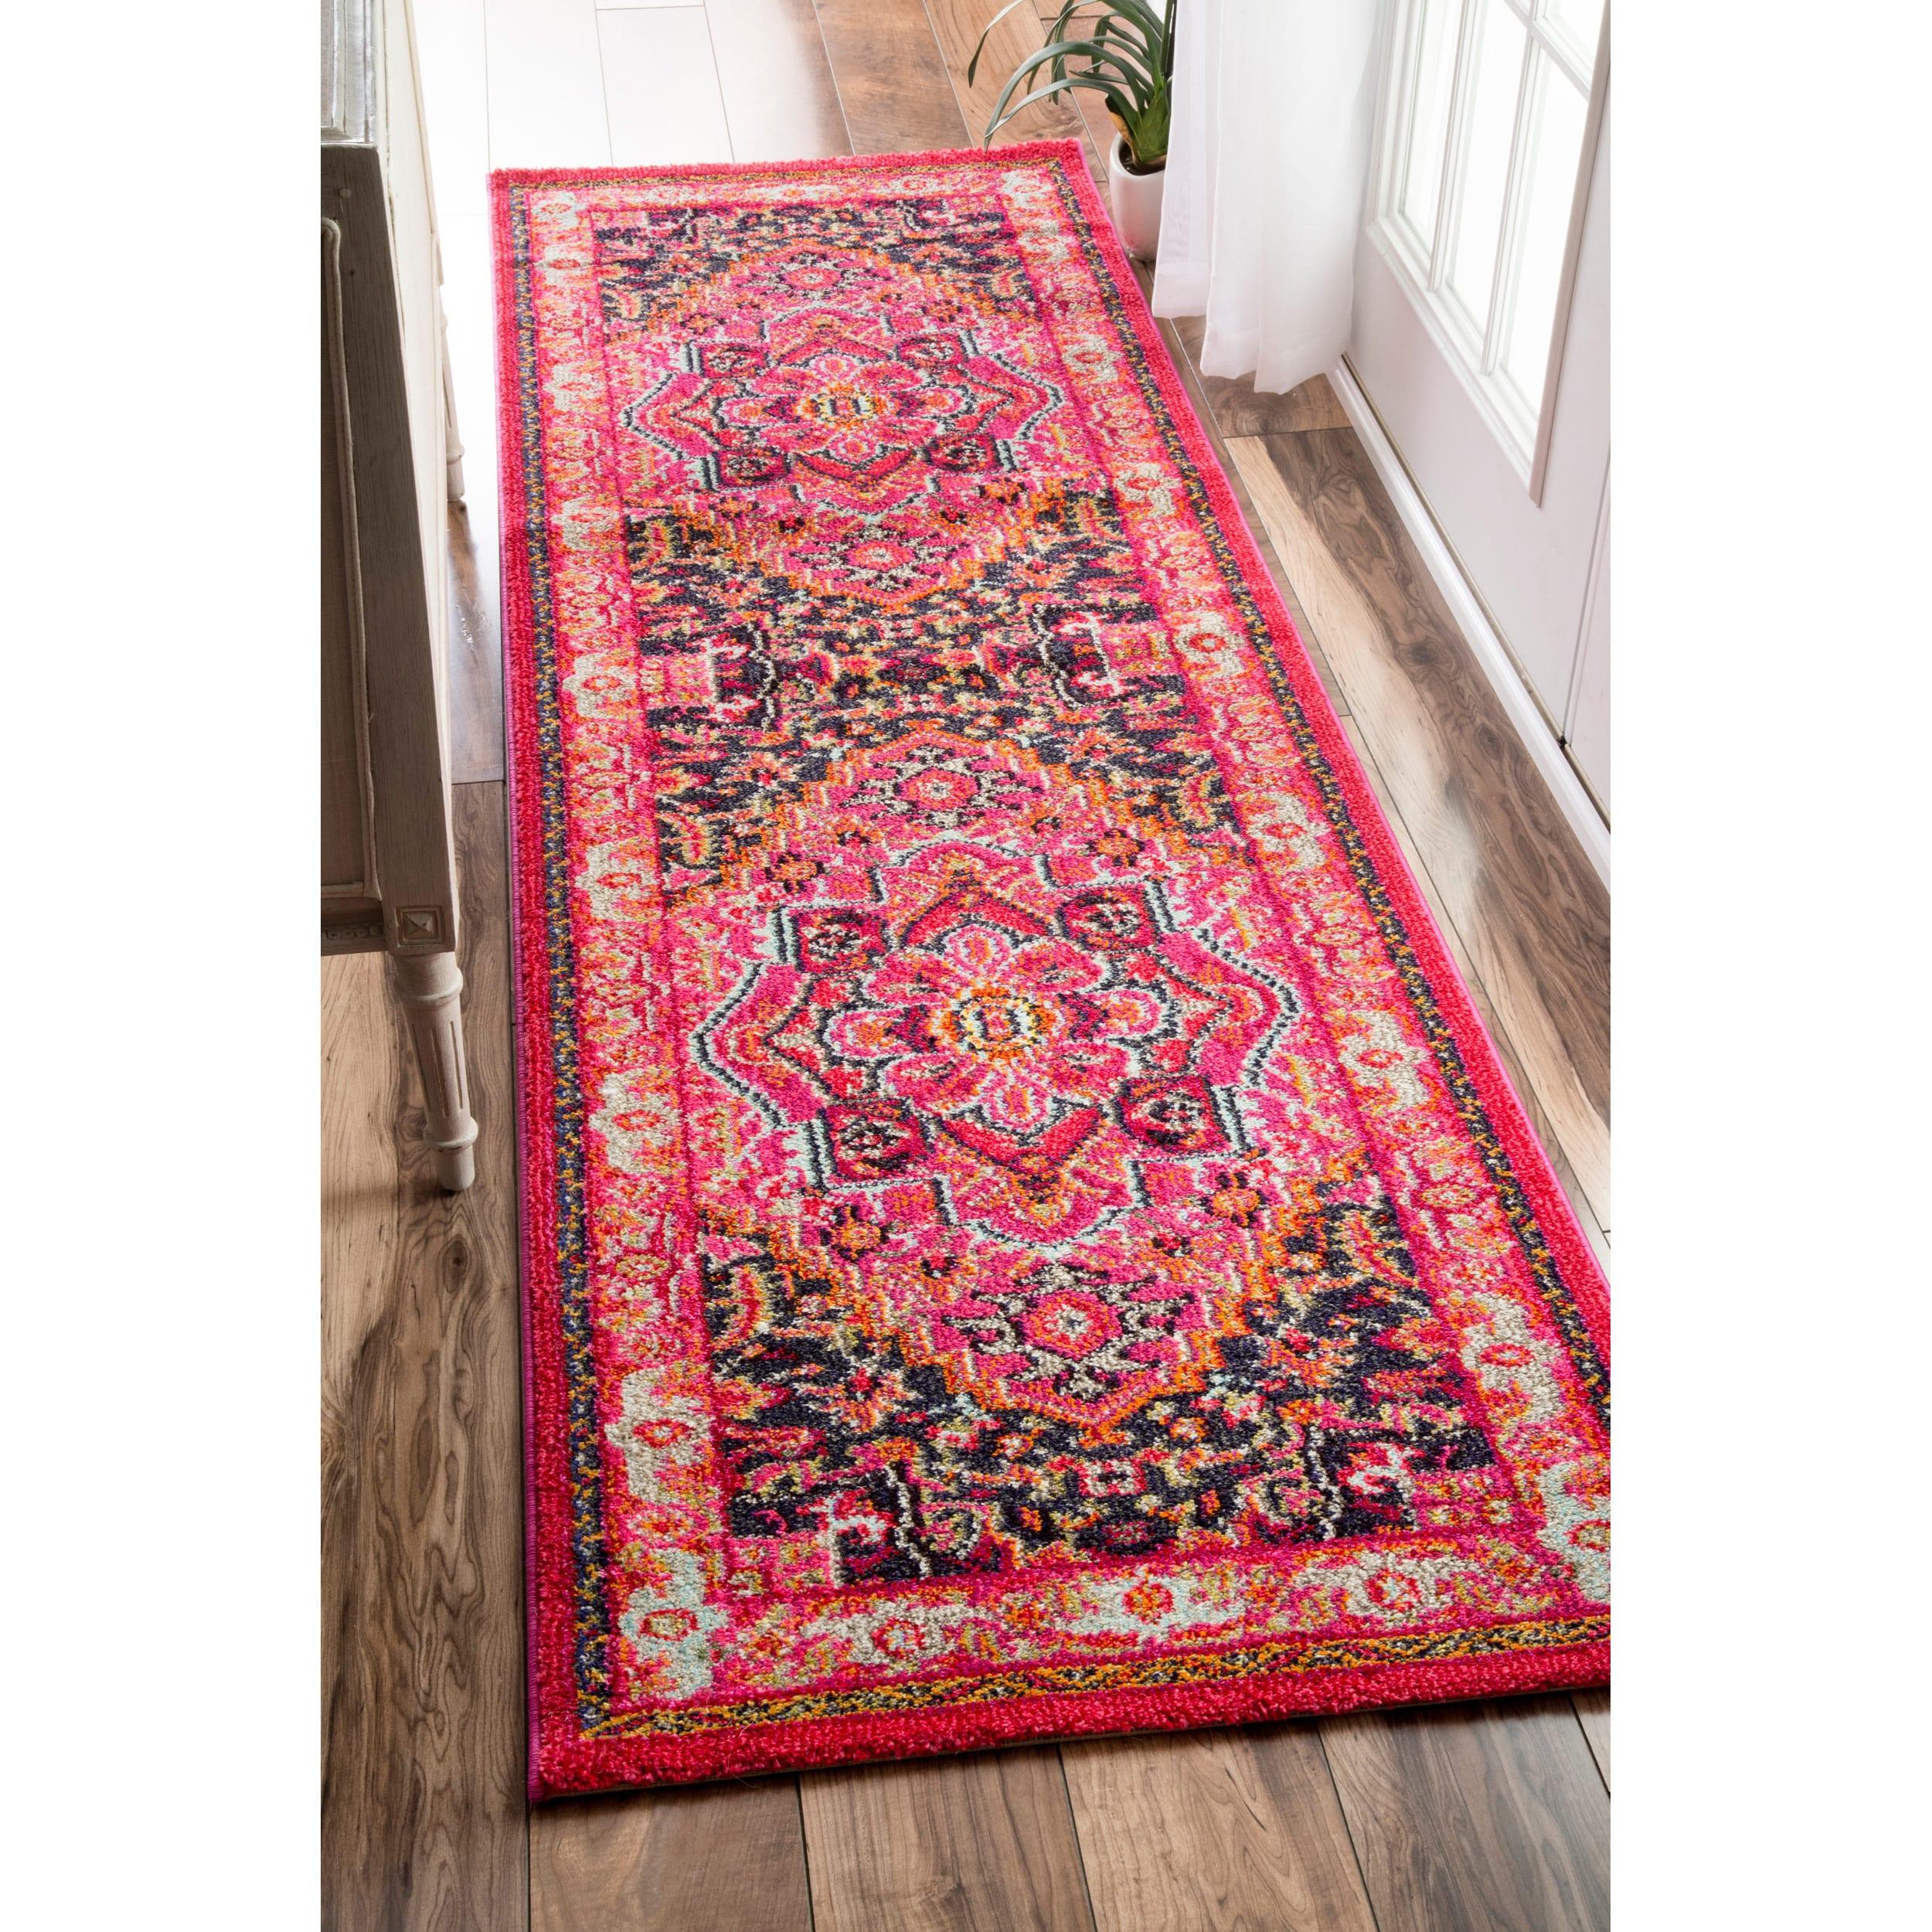 shop nuloom traditional flower medallion violet pink runner rug 2 39 6 x 8 39 free shipping on. Black Bedroom Furniture Sets. Home Design Ideas